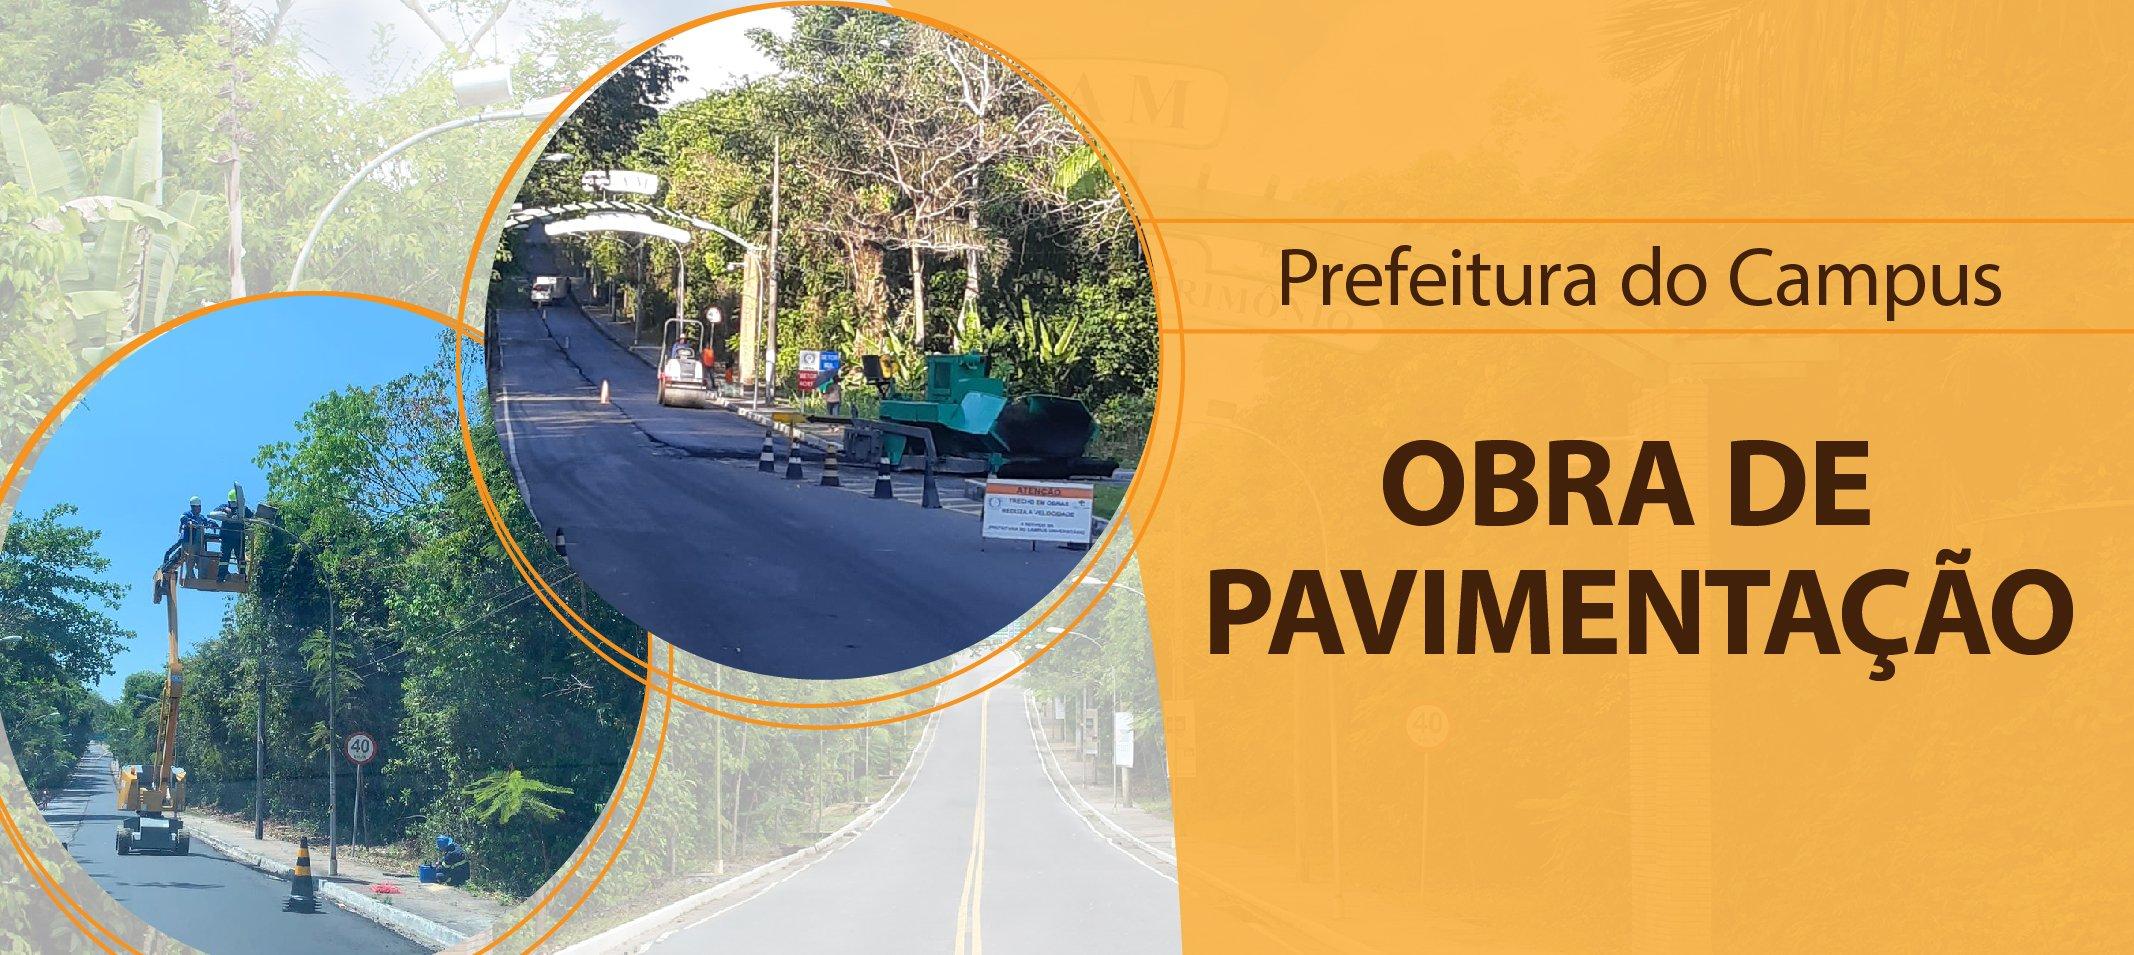 Prefeitura do Campus Universitário finaliza obra de pavimentação na via de acesso à Ufam